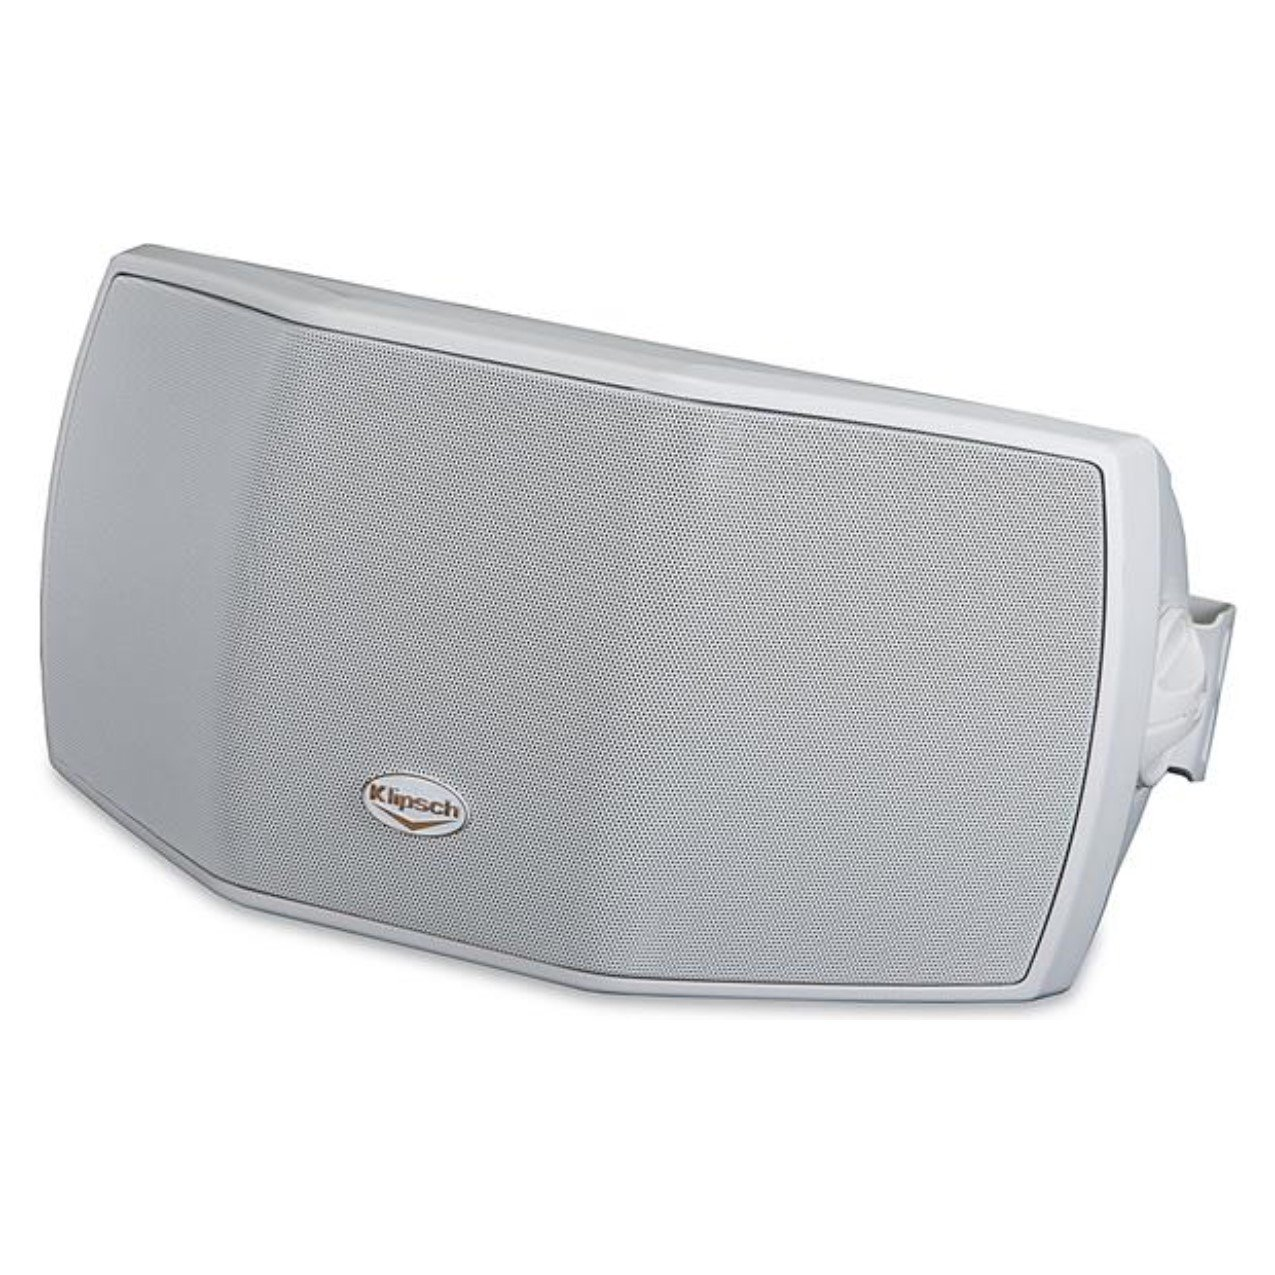 Klipsch AW-500-SM Indoor/Outdoor Speaker - White (Each)